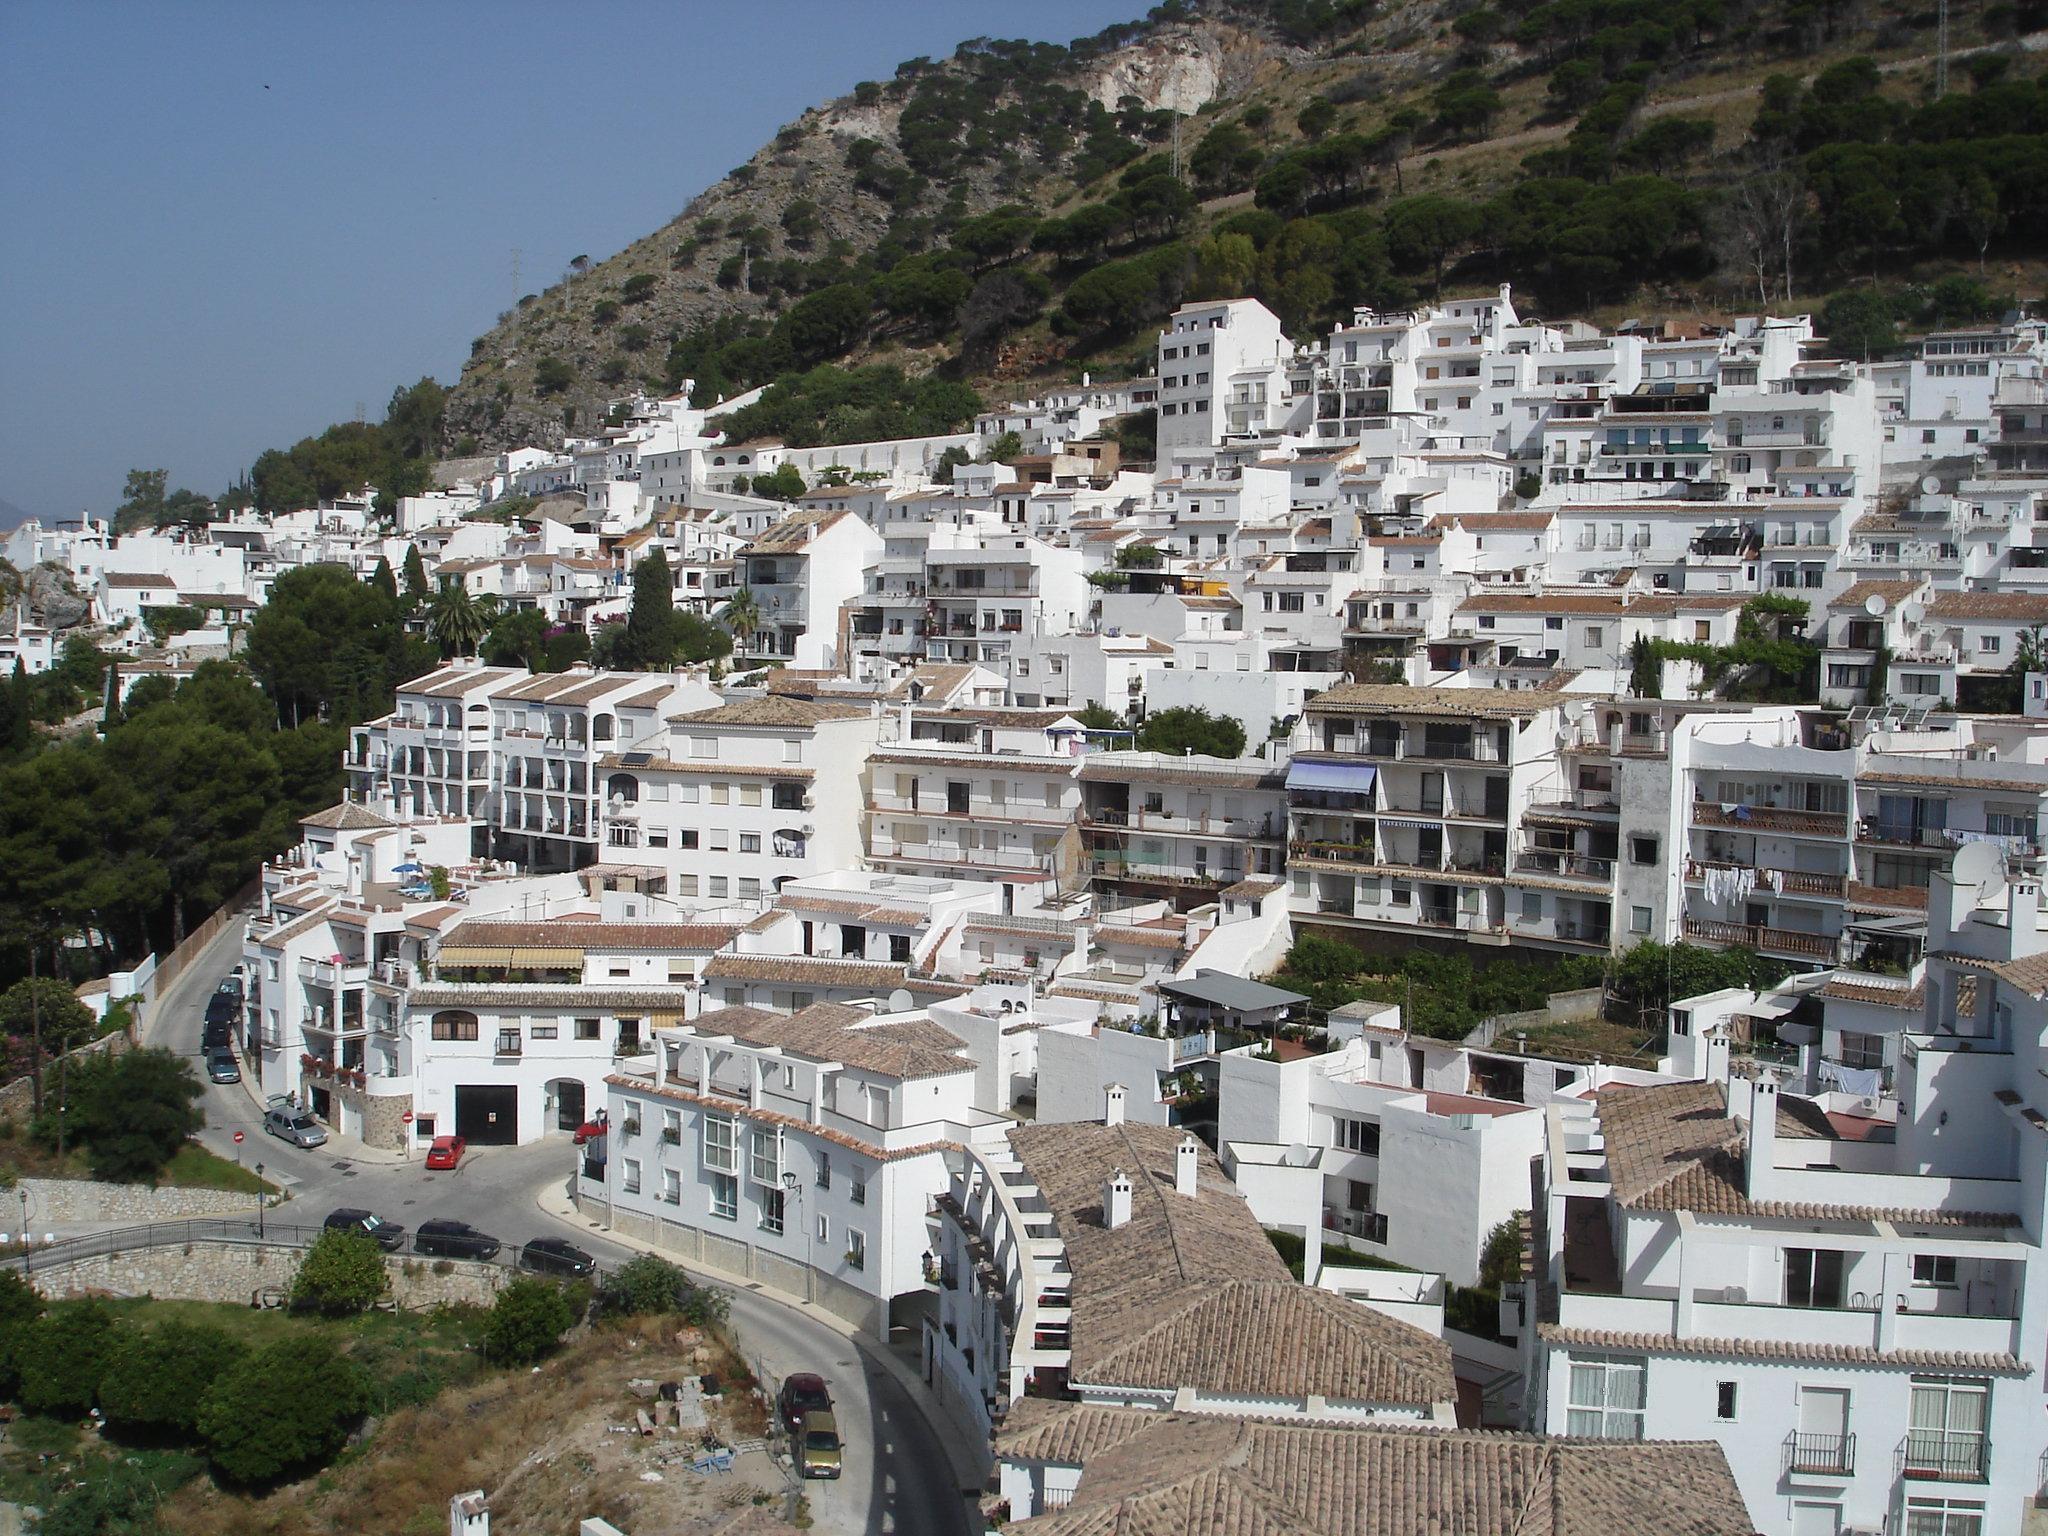 Mijas Spain  city photos gallery : Mijas Andalousie 1 Wikipedia, the free encyclopedia